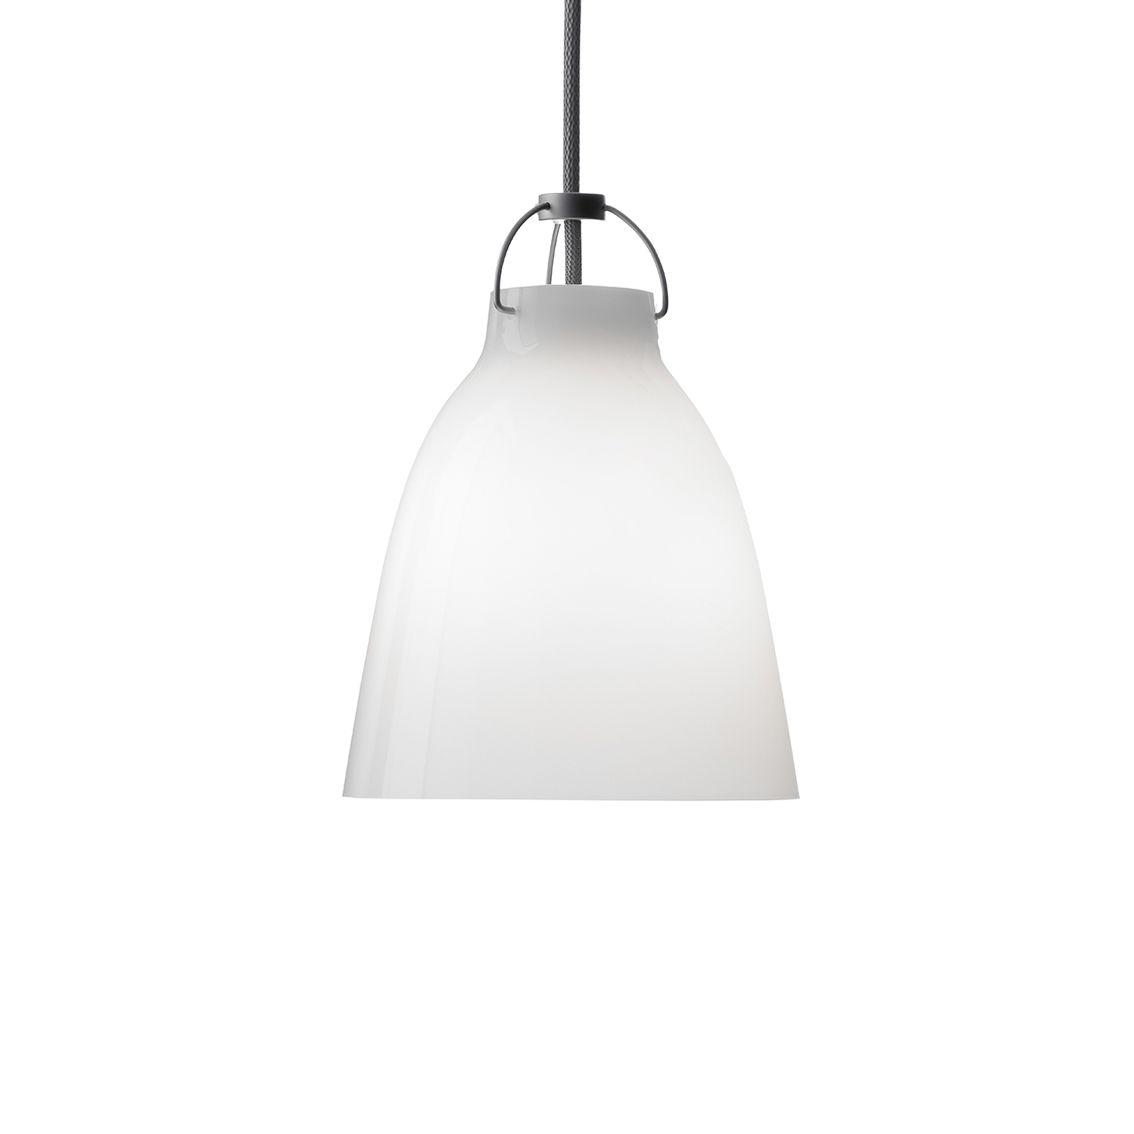 Caravaggio hanglamp Lightyears Ø11 opaal